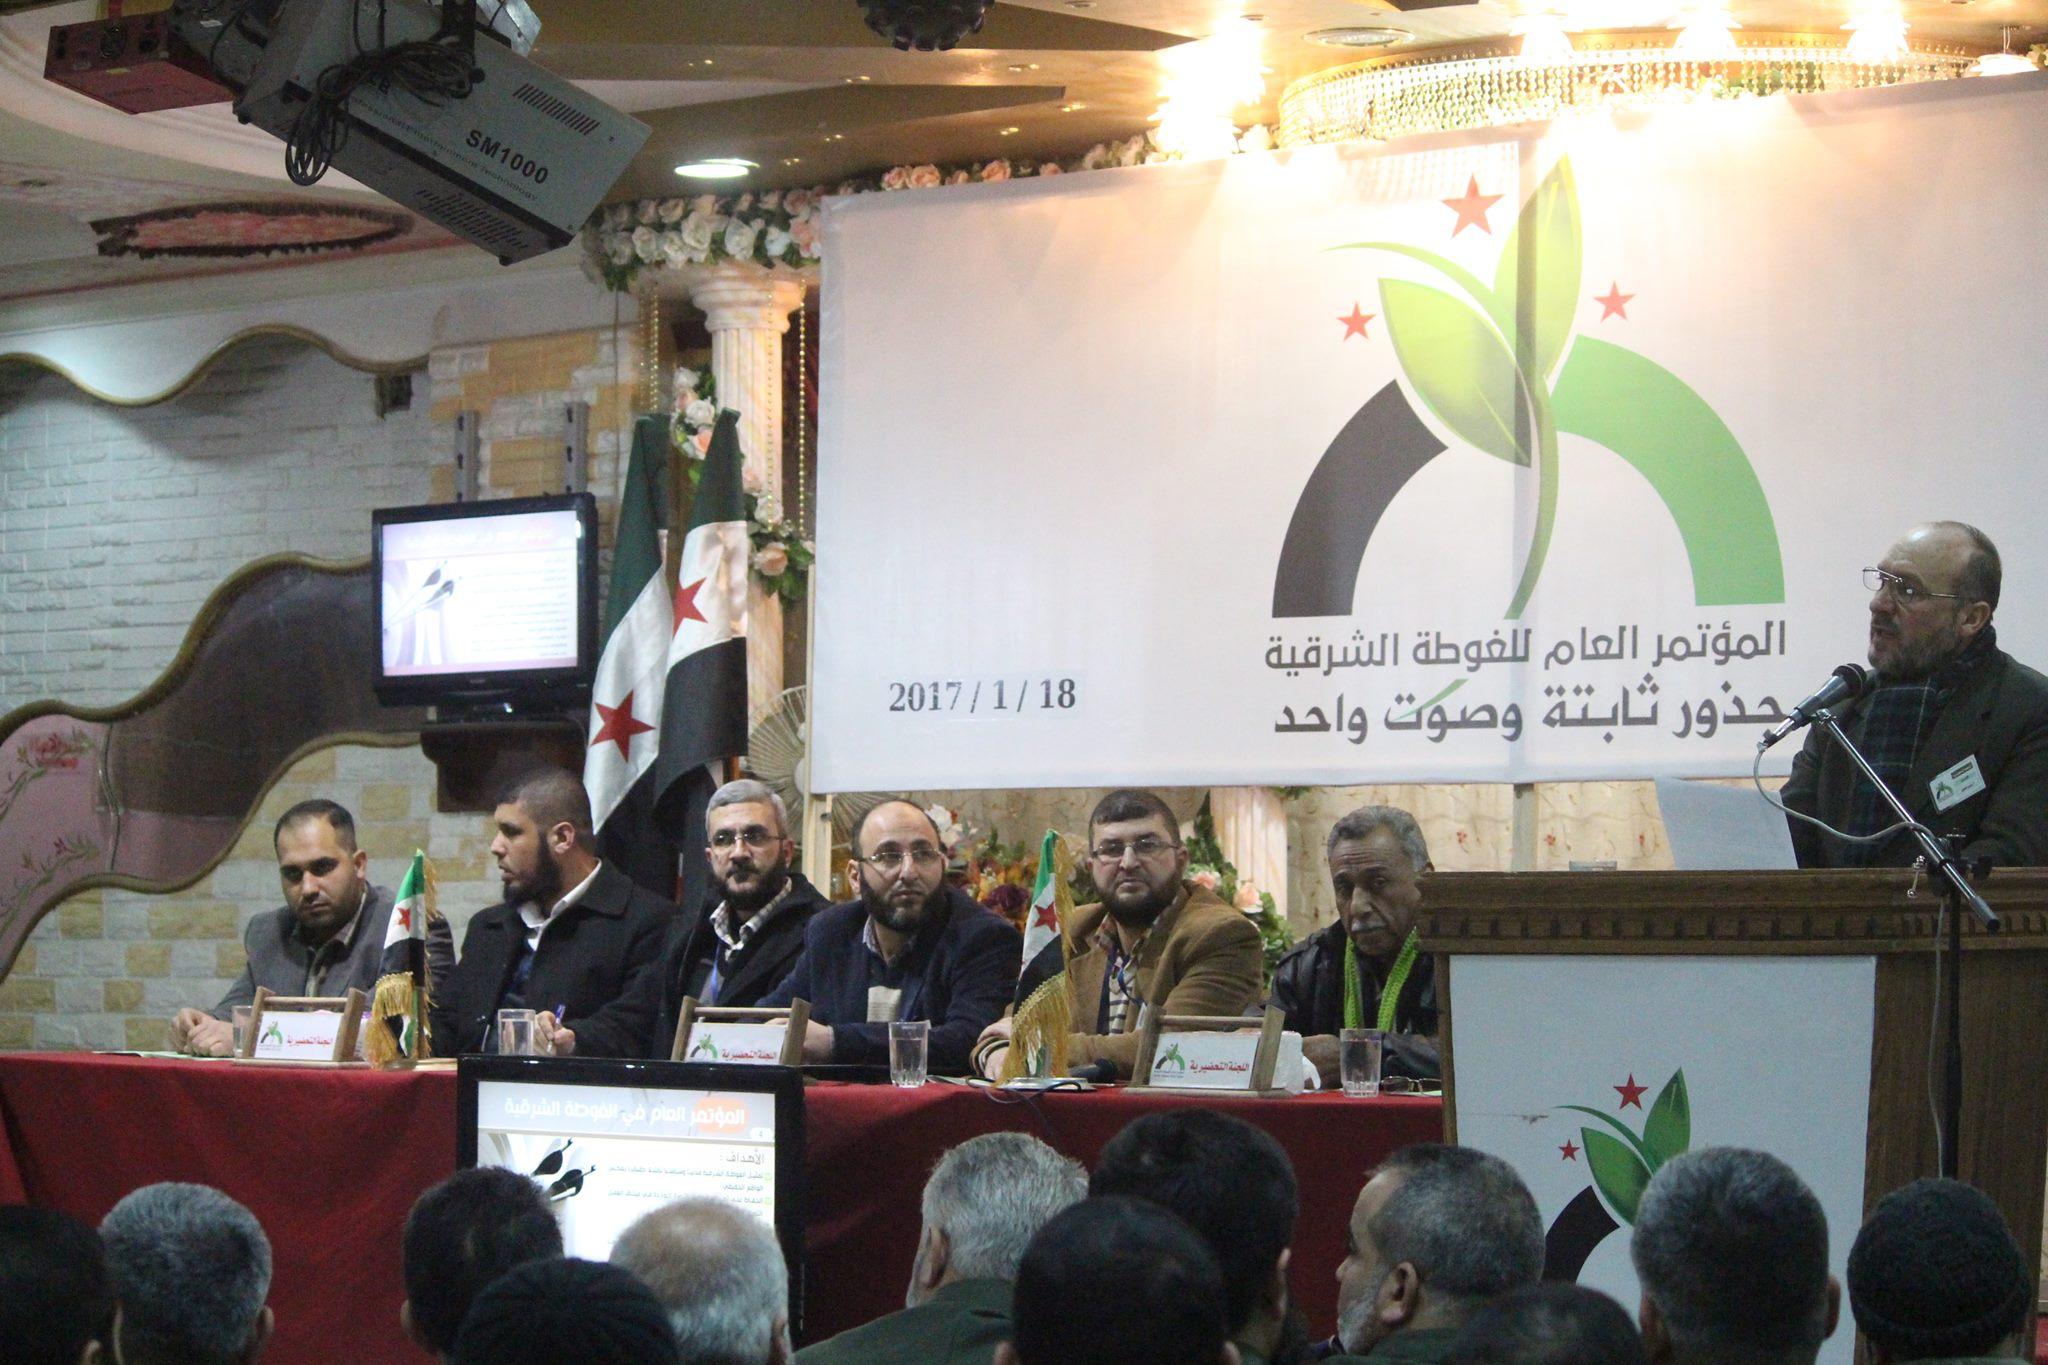 """صورة """"صوت واحد""""..شعار يجمع فعاليات الغوطة"""